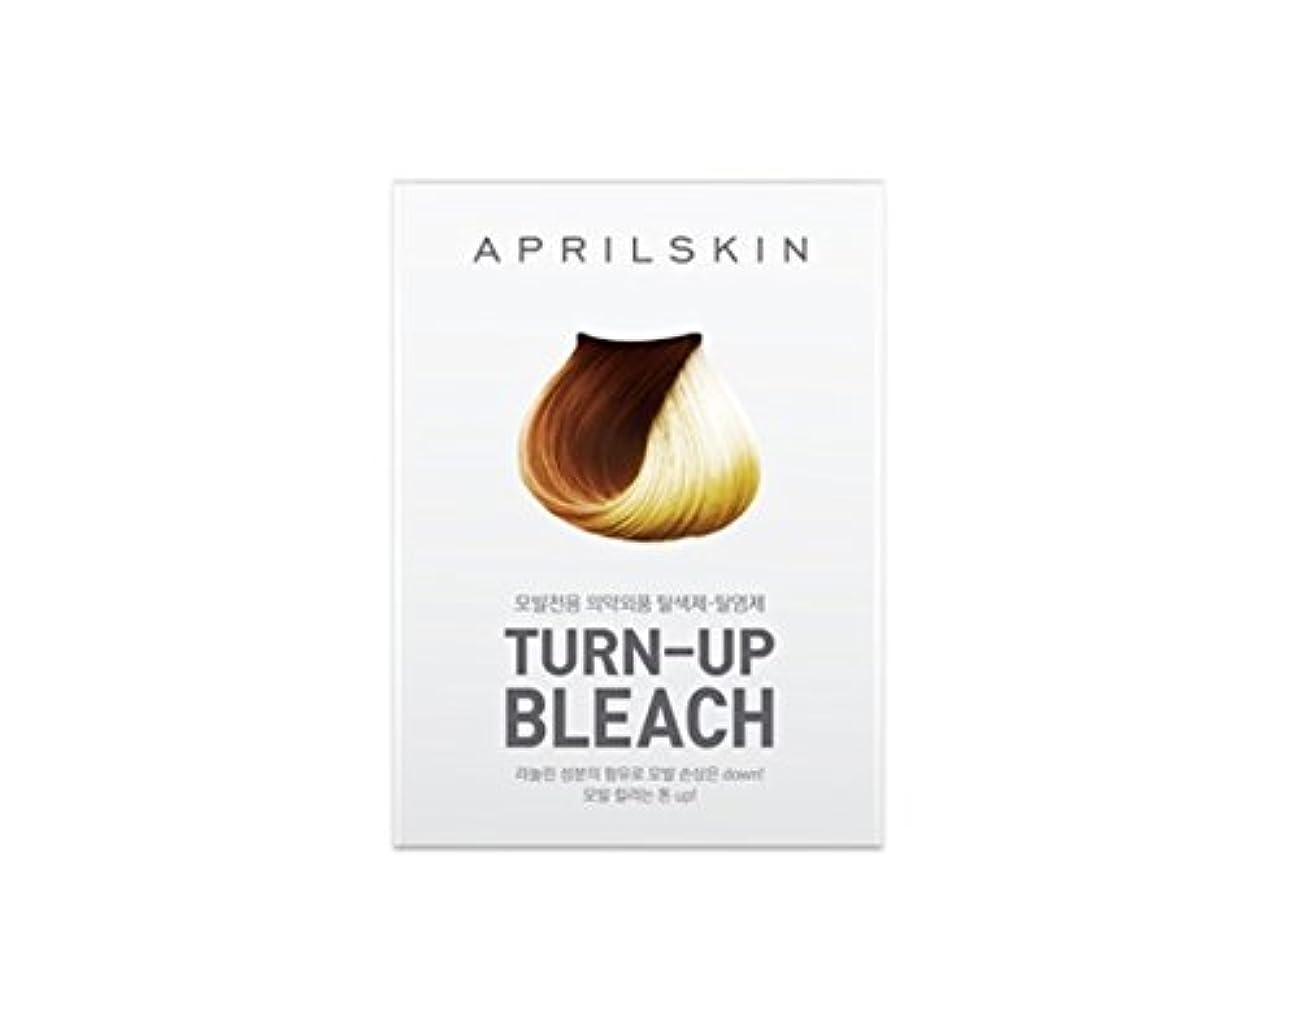 負荷発生器配列エープリル?スキン [韓国コスメ April Skin] 漂白ブリーチ(ヘアブリーチ)Turn Up Bleach (Hair Bleach) [海外直送品]